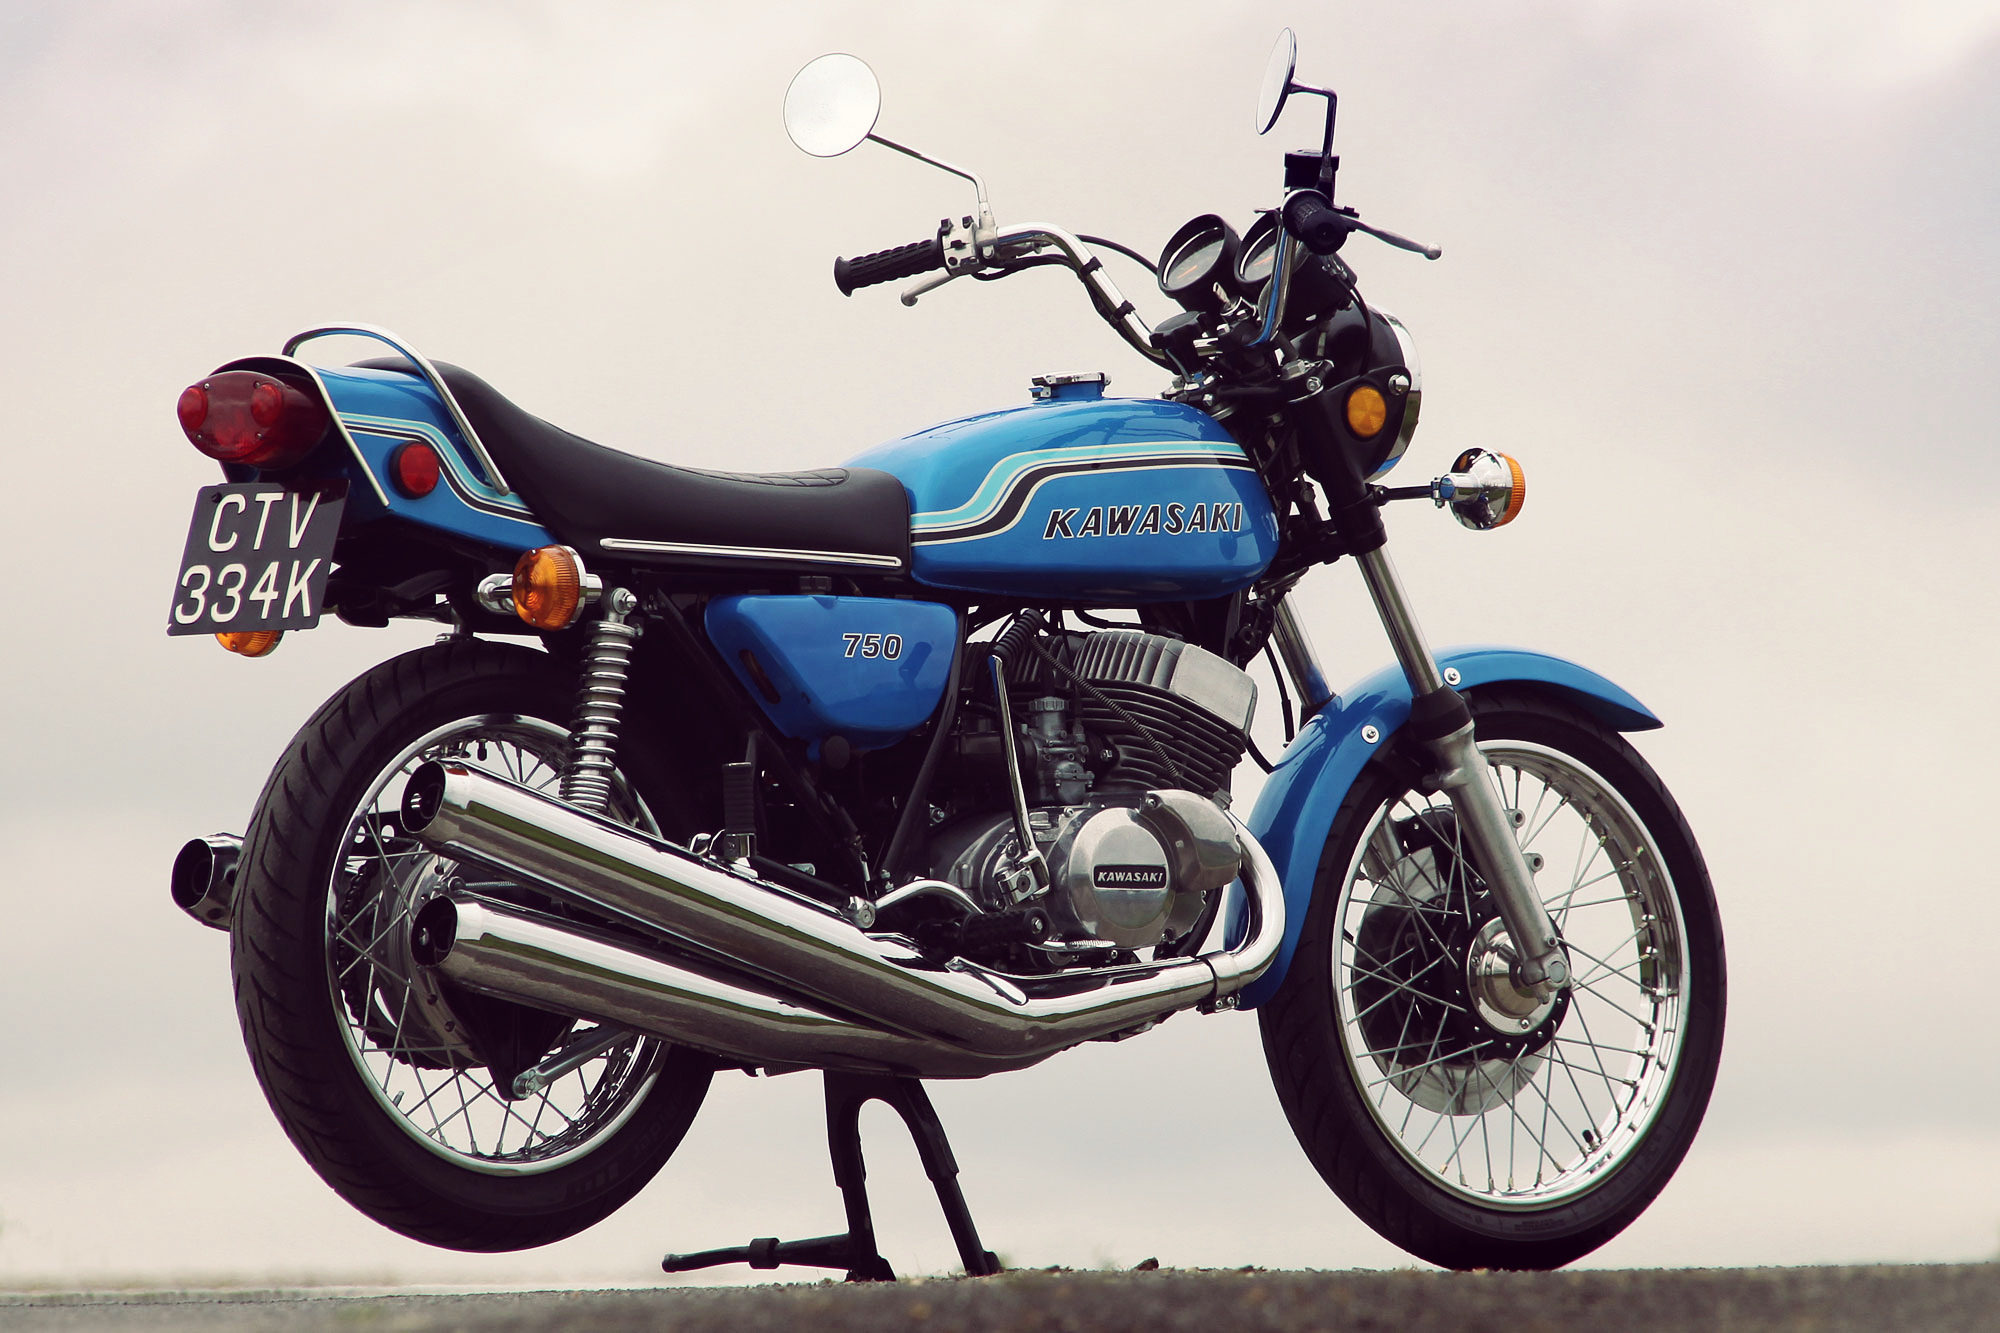 kawasaki-h2-mach-iv-750cc-4